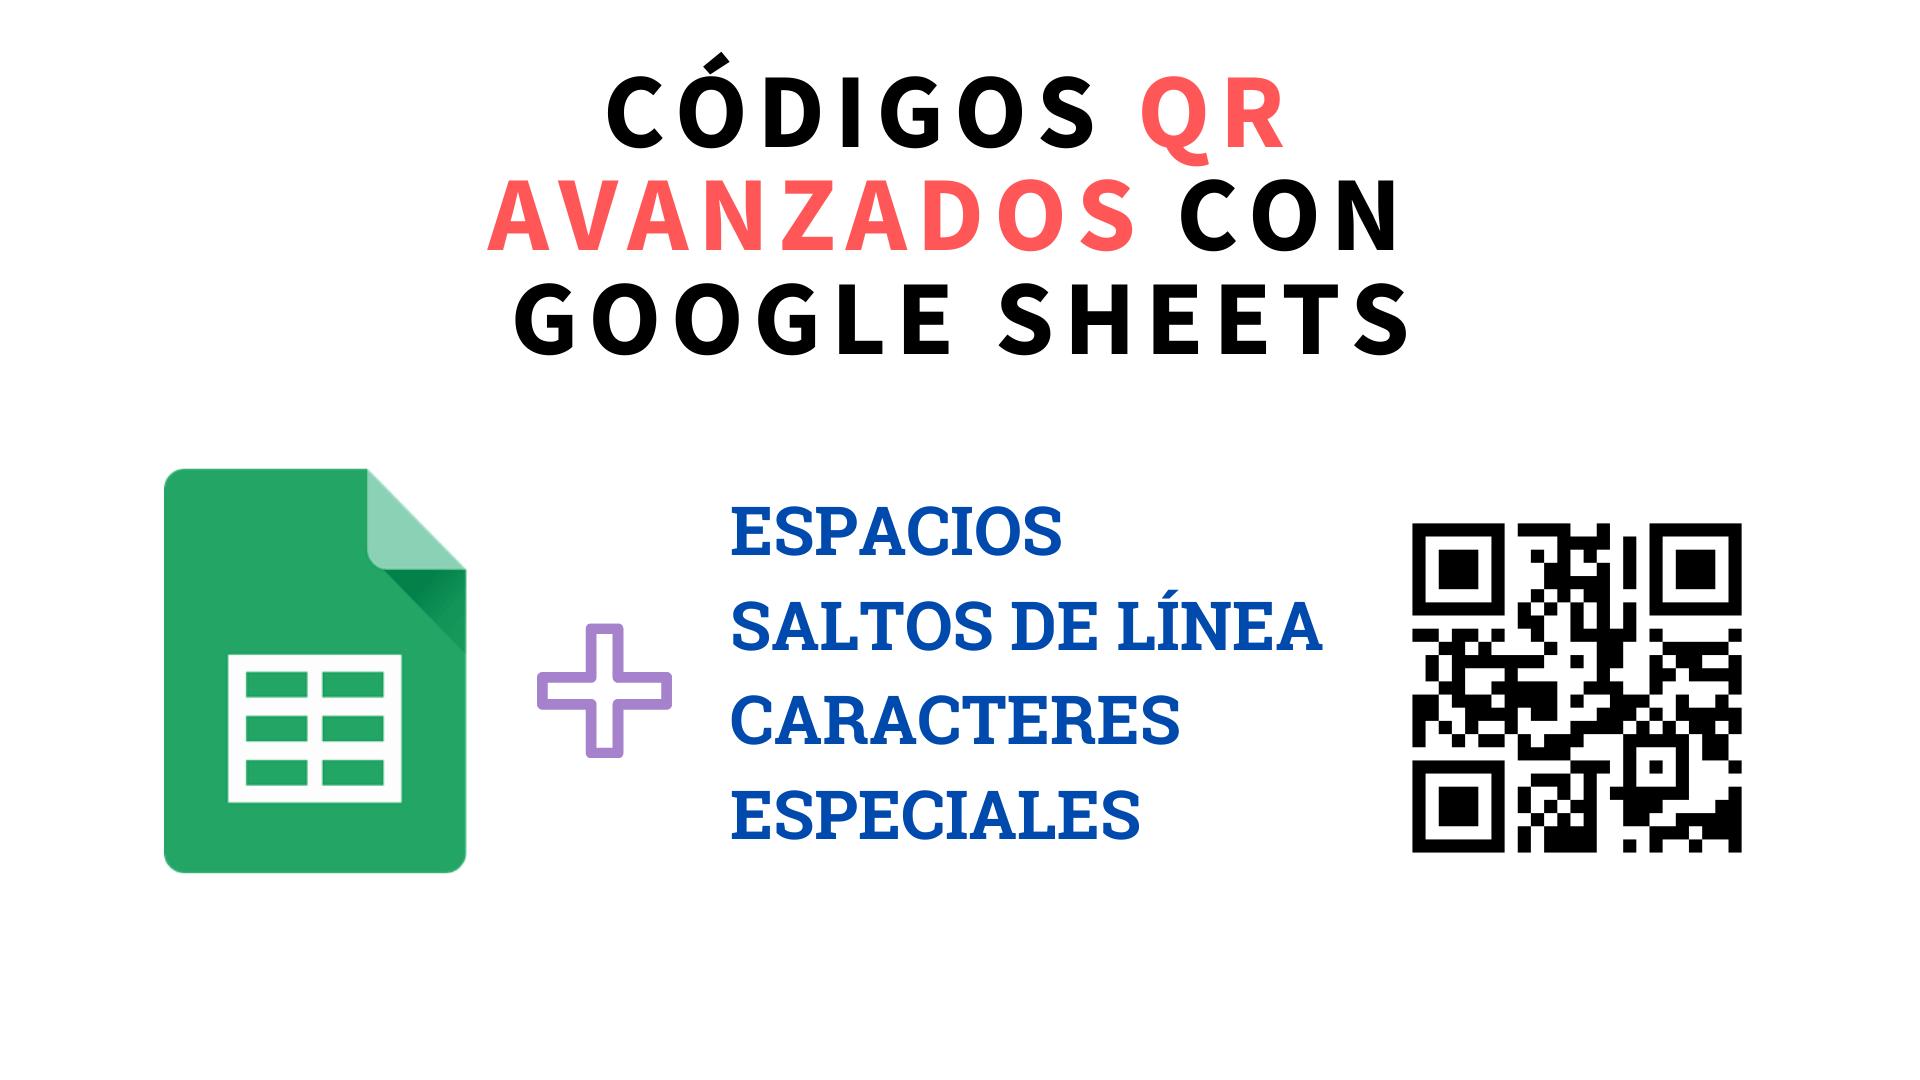 Codificar espacios y saltos de línea en códigos QR con Google Sheets (Hojas de cálculo de Google)